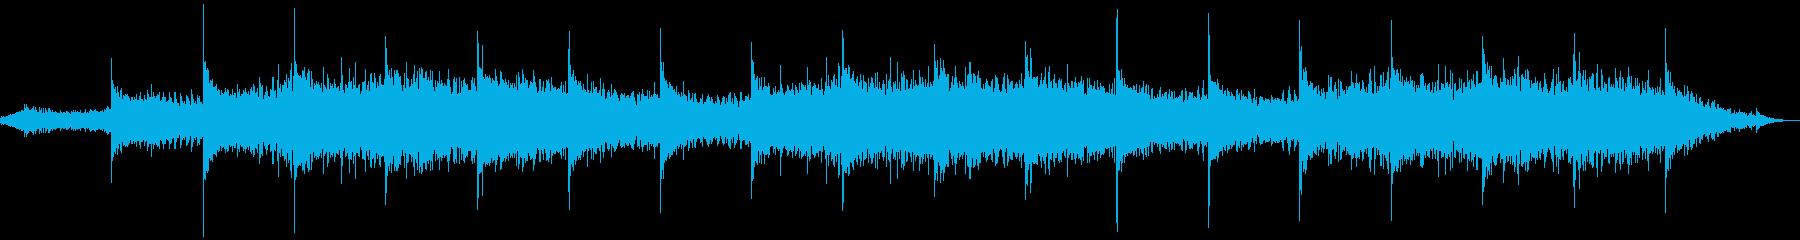 原始時代や火山のイメージの再生済みの波形